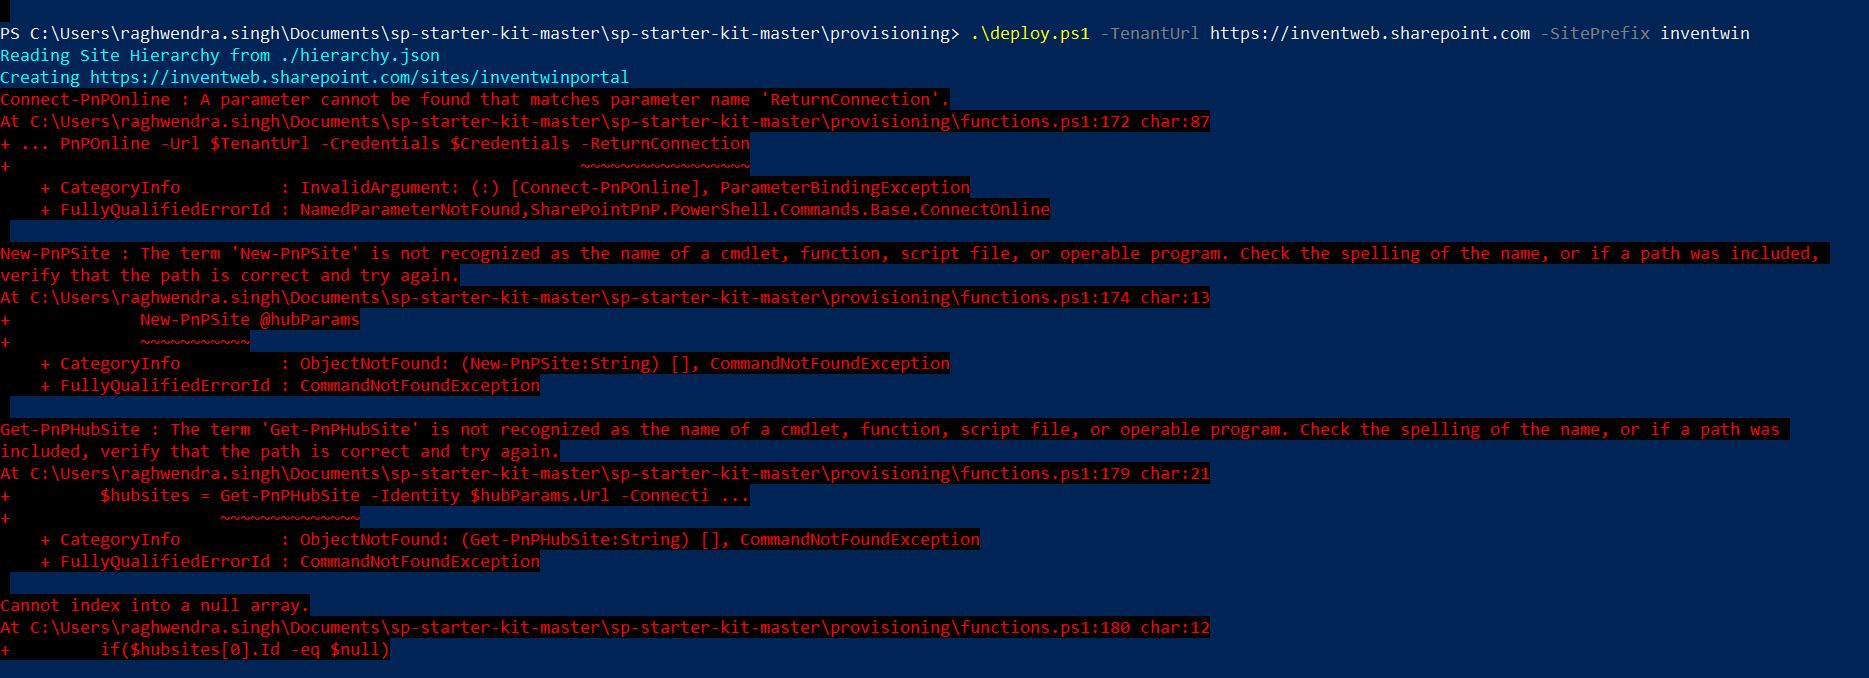 sharepoint intranet starter kit